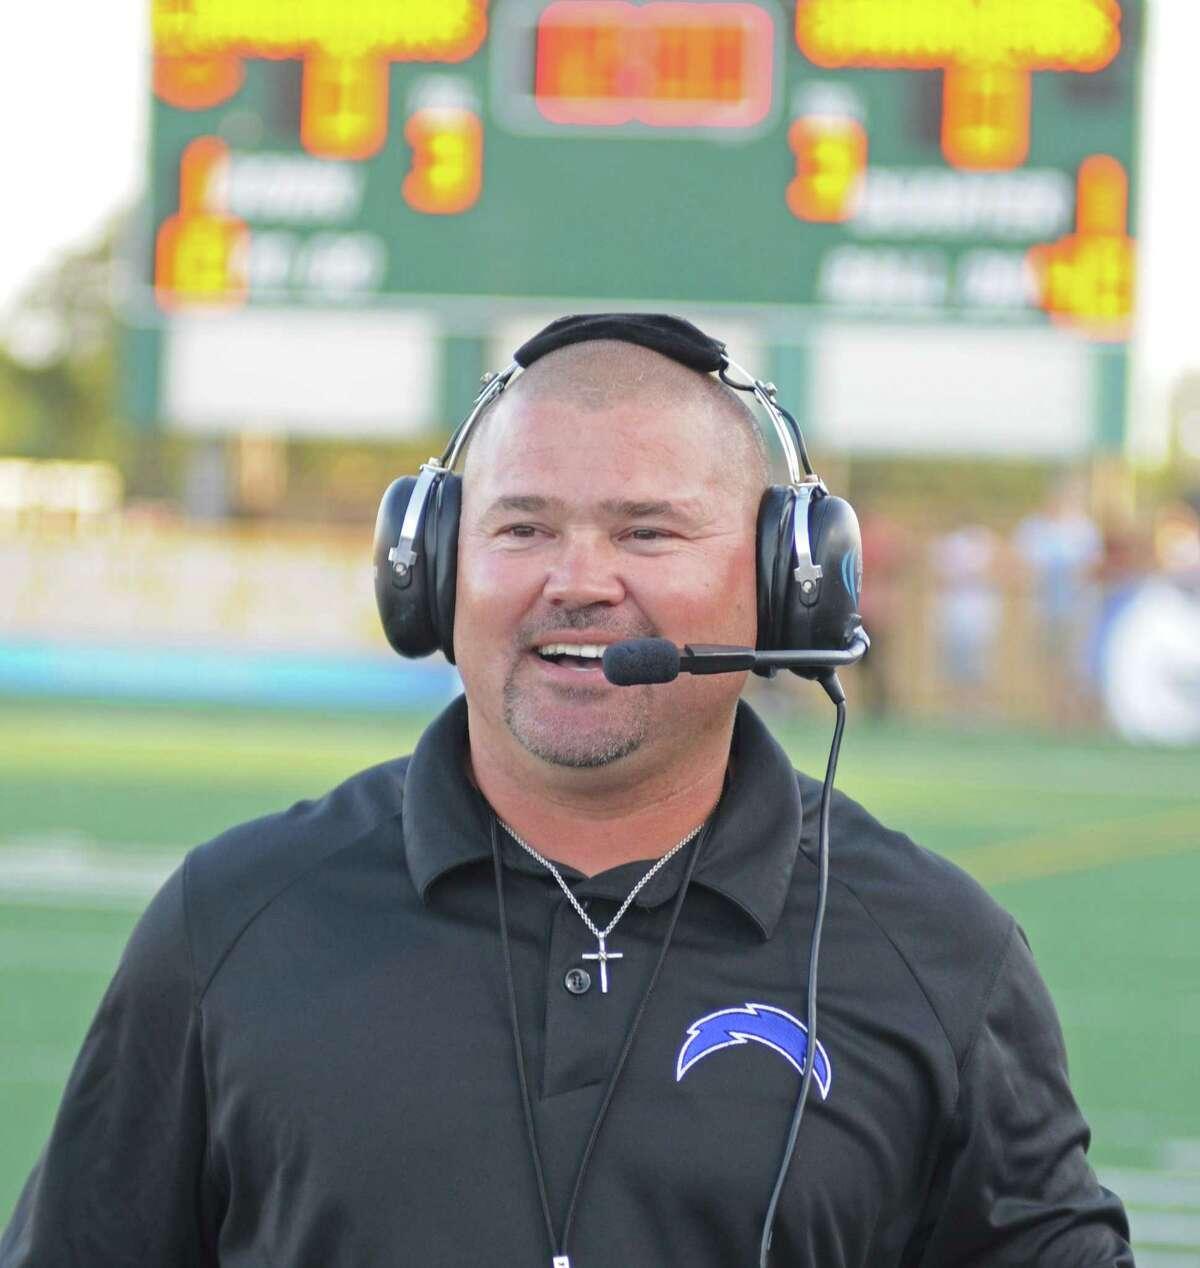 Clear Springs football coach Clint Hartman